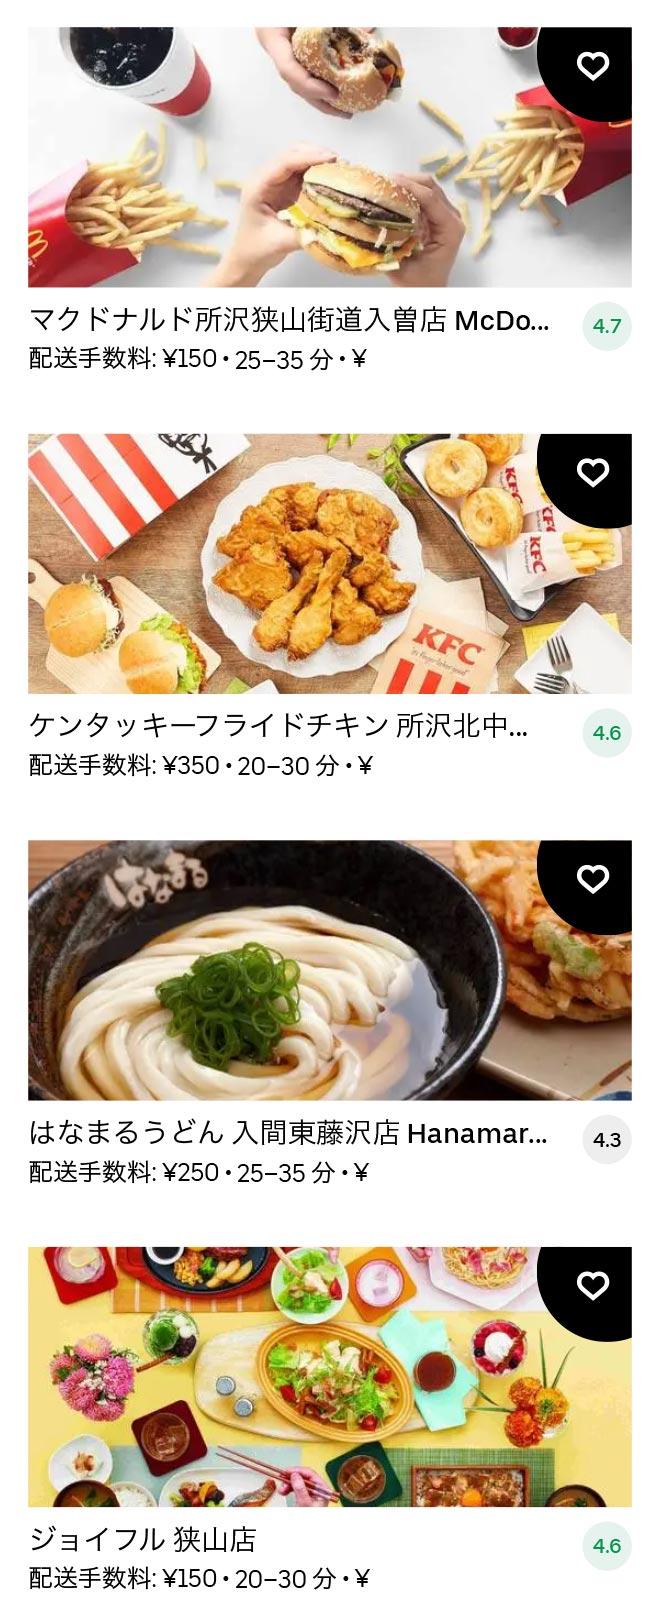 Iriso menu 2102 01